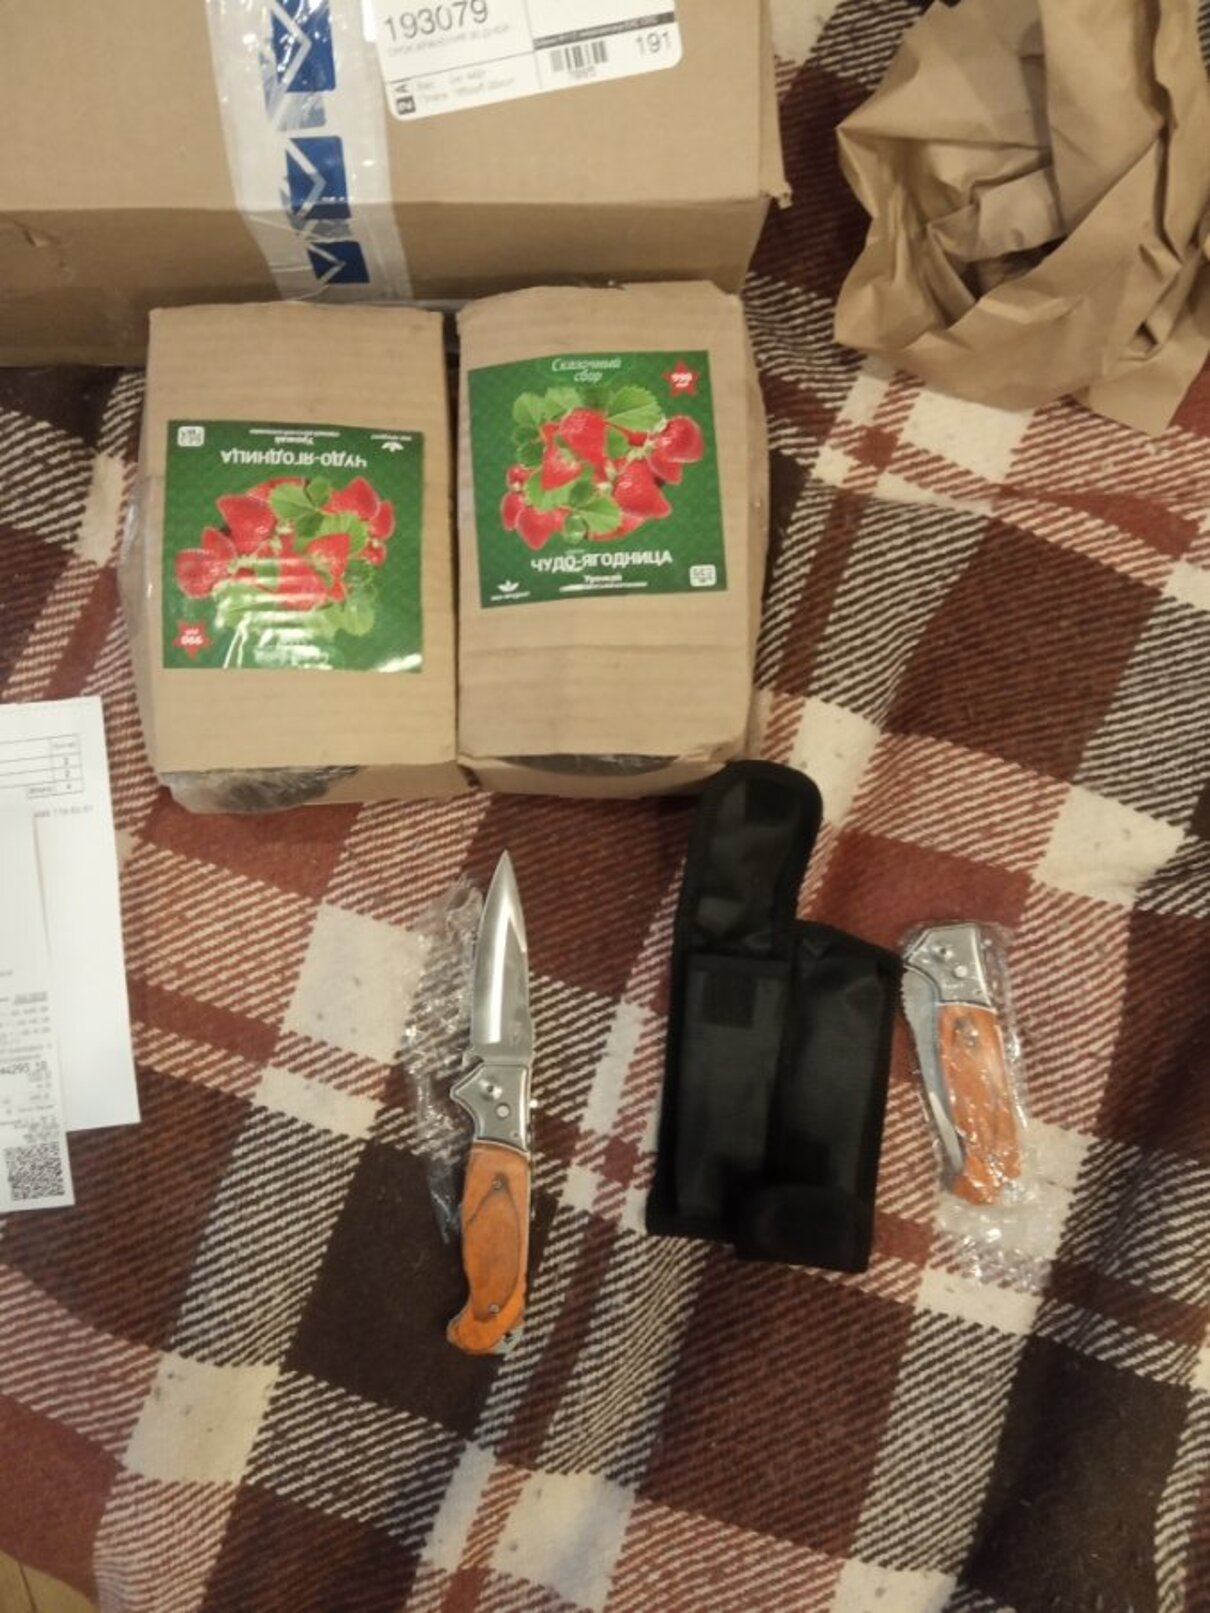 Жалоба-отзыв: Легенда Севера ножи якутские - В посылке совсем не то, что я заказывала! Настоящий обман.  Фото №2